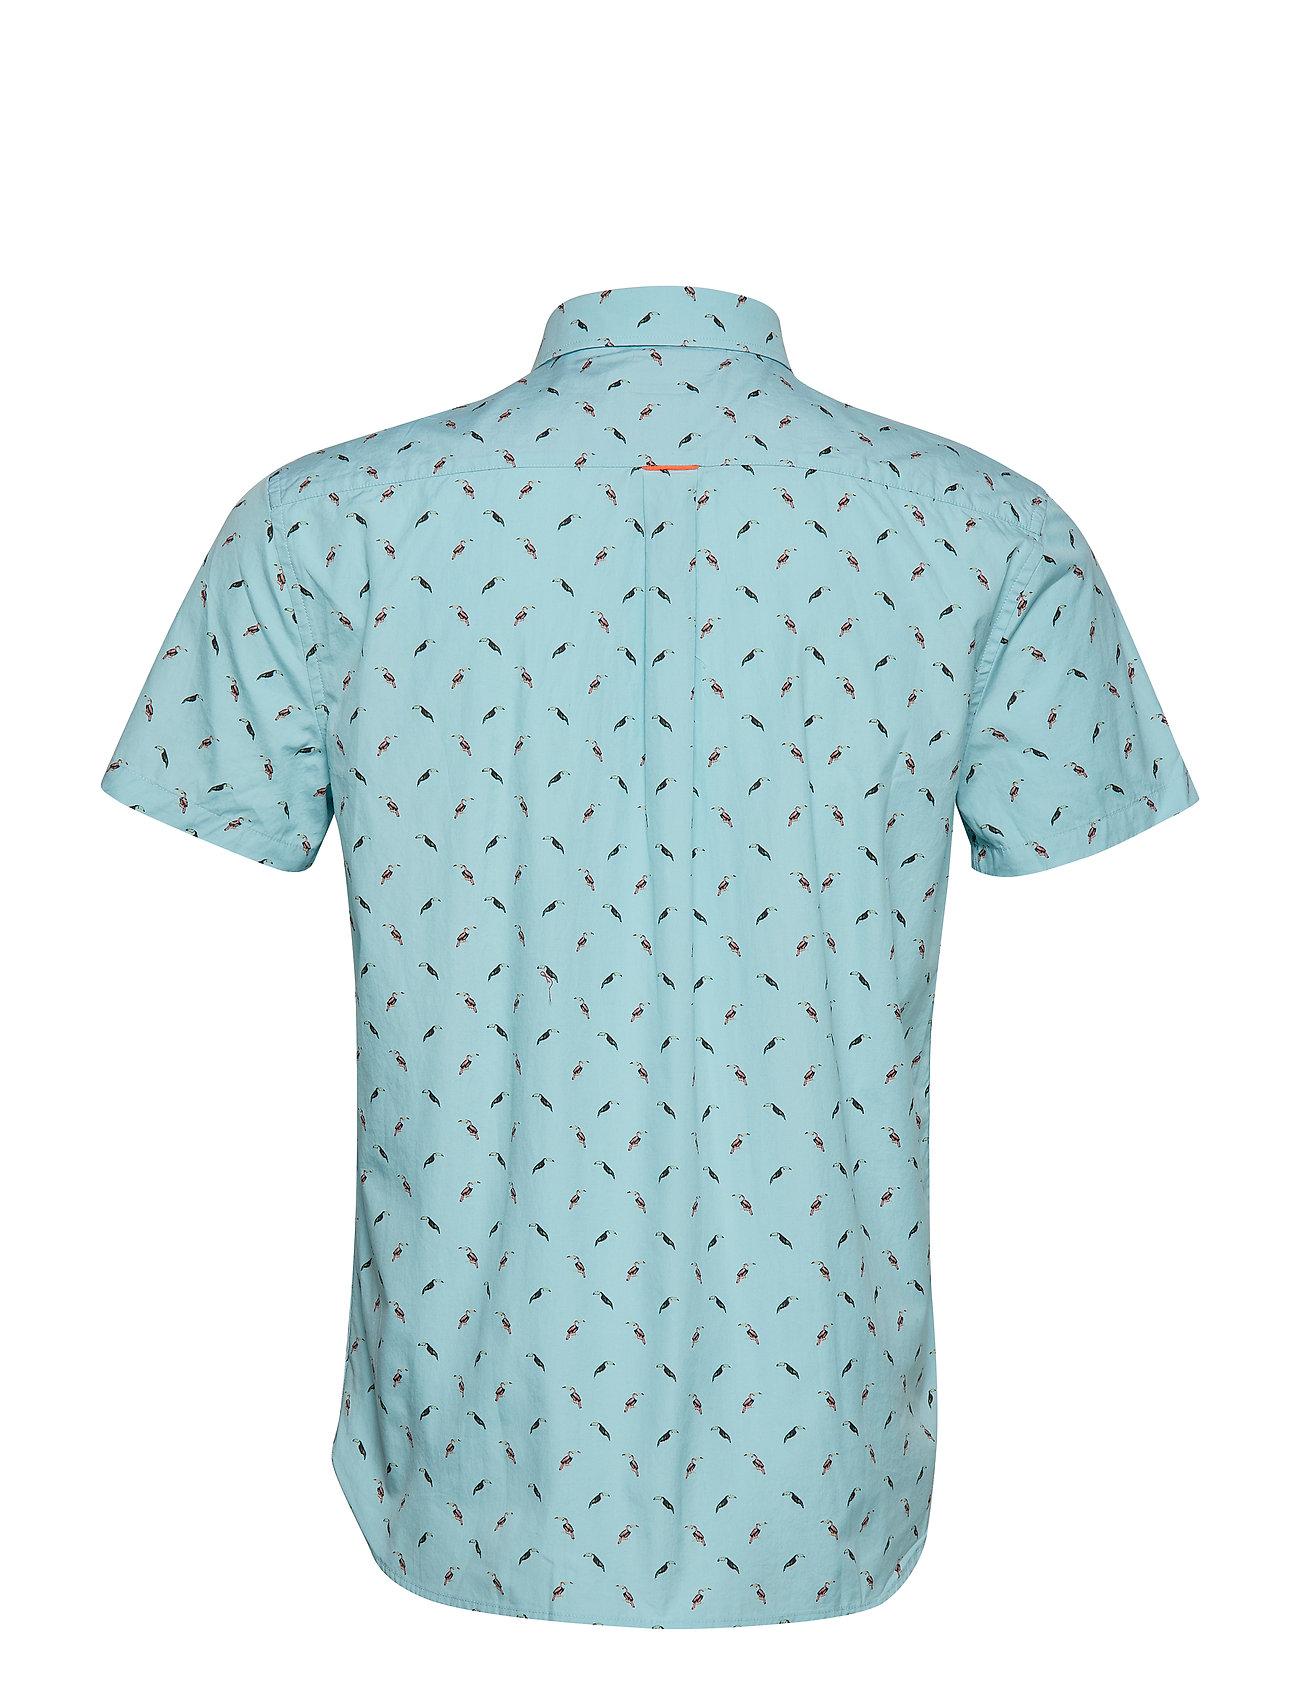 Superdry PREMIUM SHOREDITCH S/S SHIRT - Skjorter TURQUOISE TOUCANS - Menn Klær